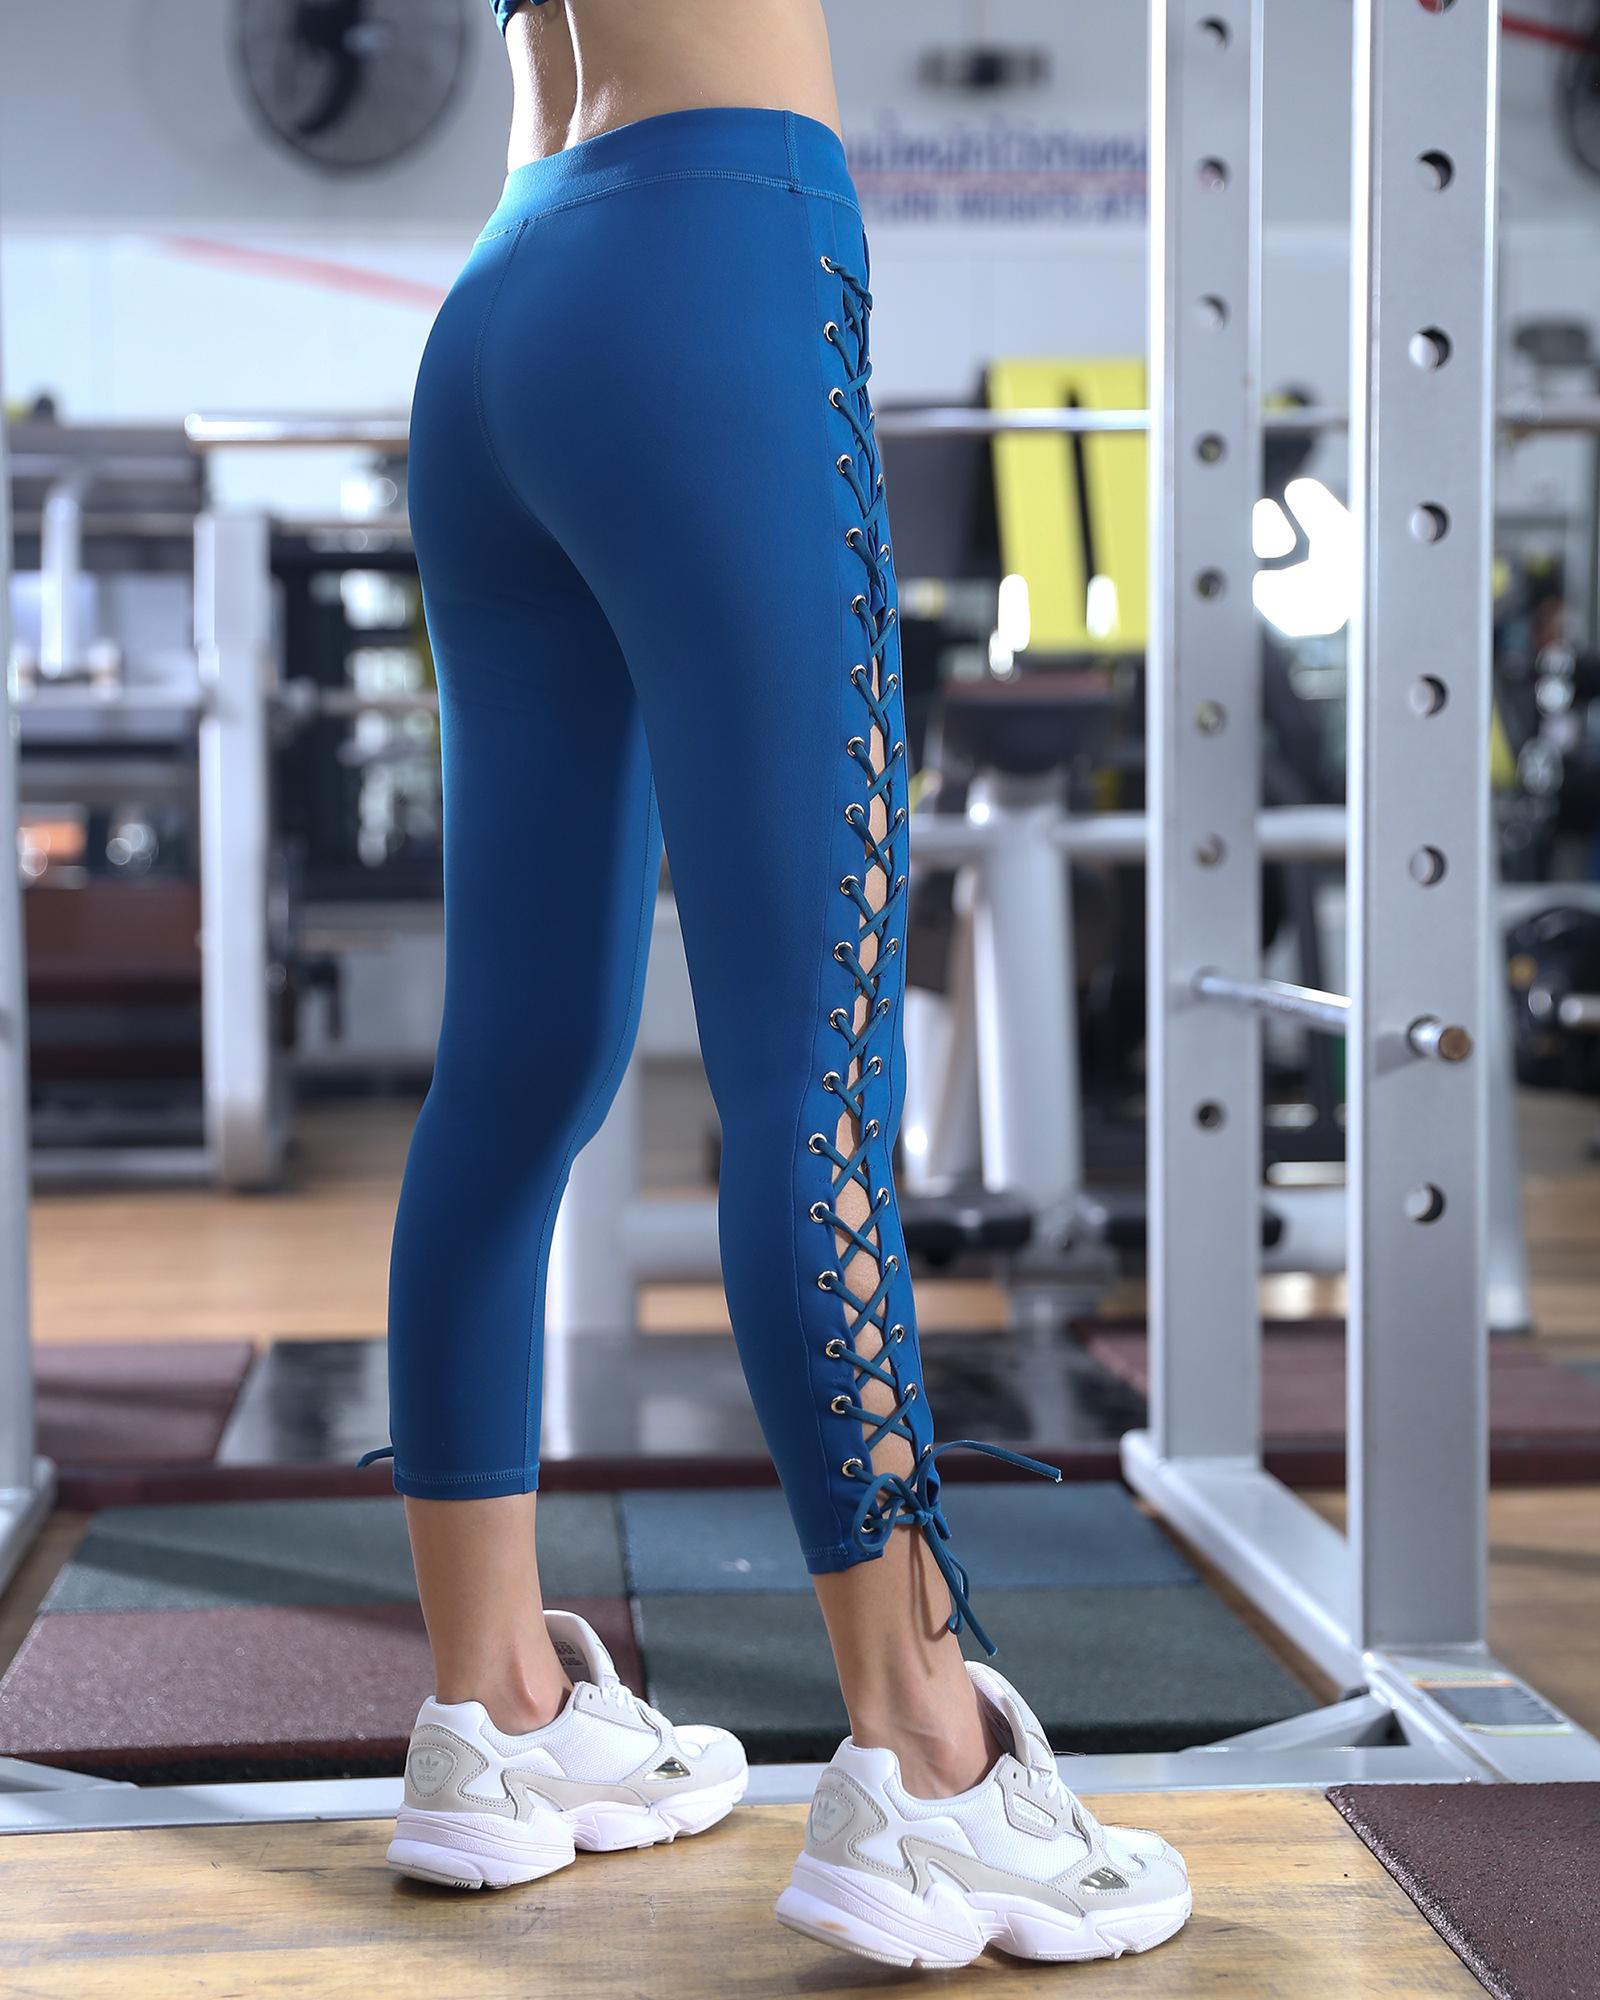 Manali sports pants กางเกงเอวสูงเป้าสามเหลี่ยม